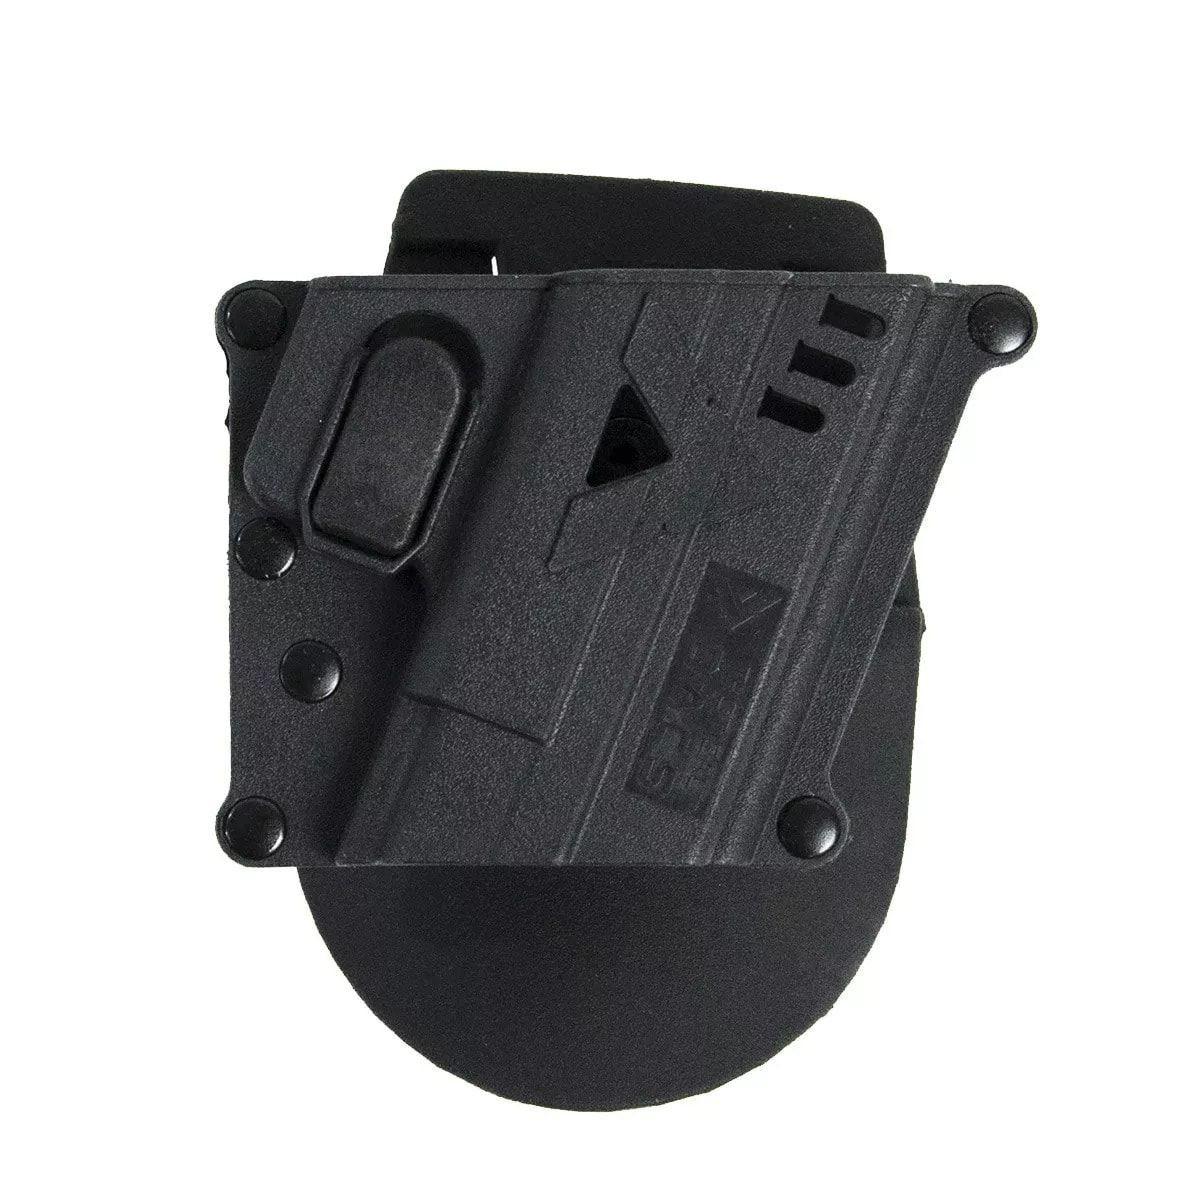 Coldre Dacs Polímero Pistolas Cybergun 24/7 E Outras